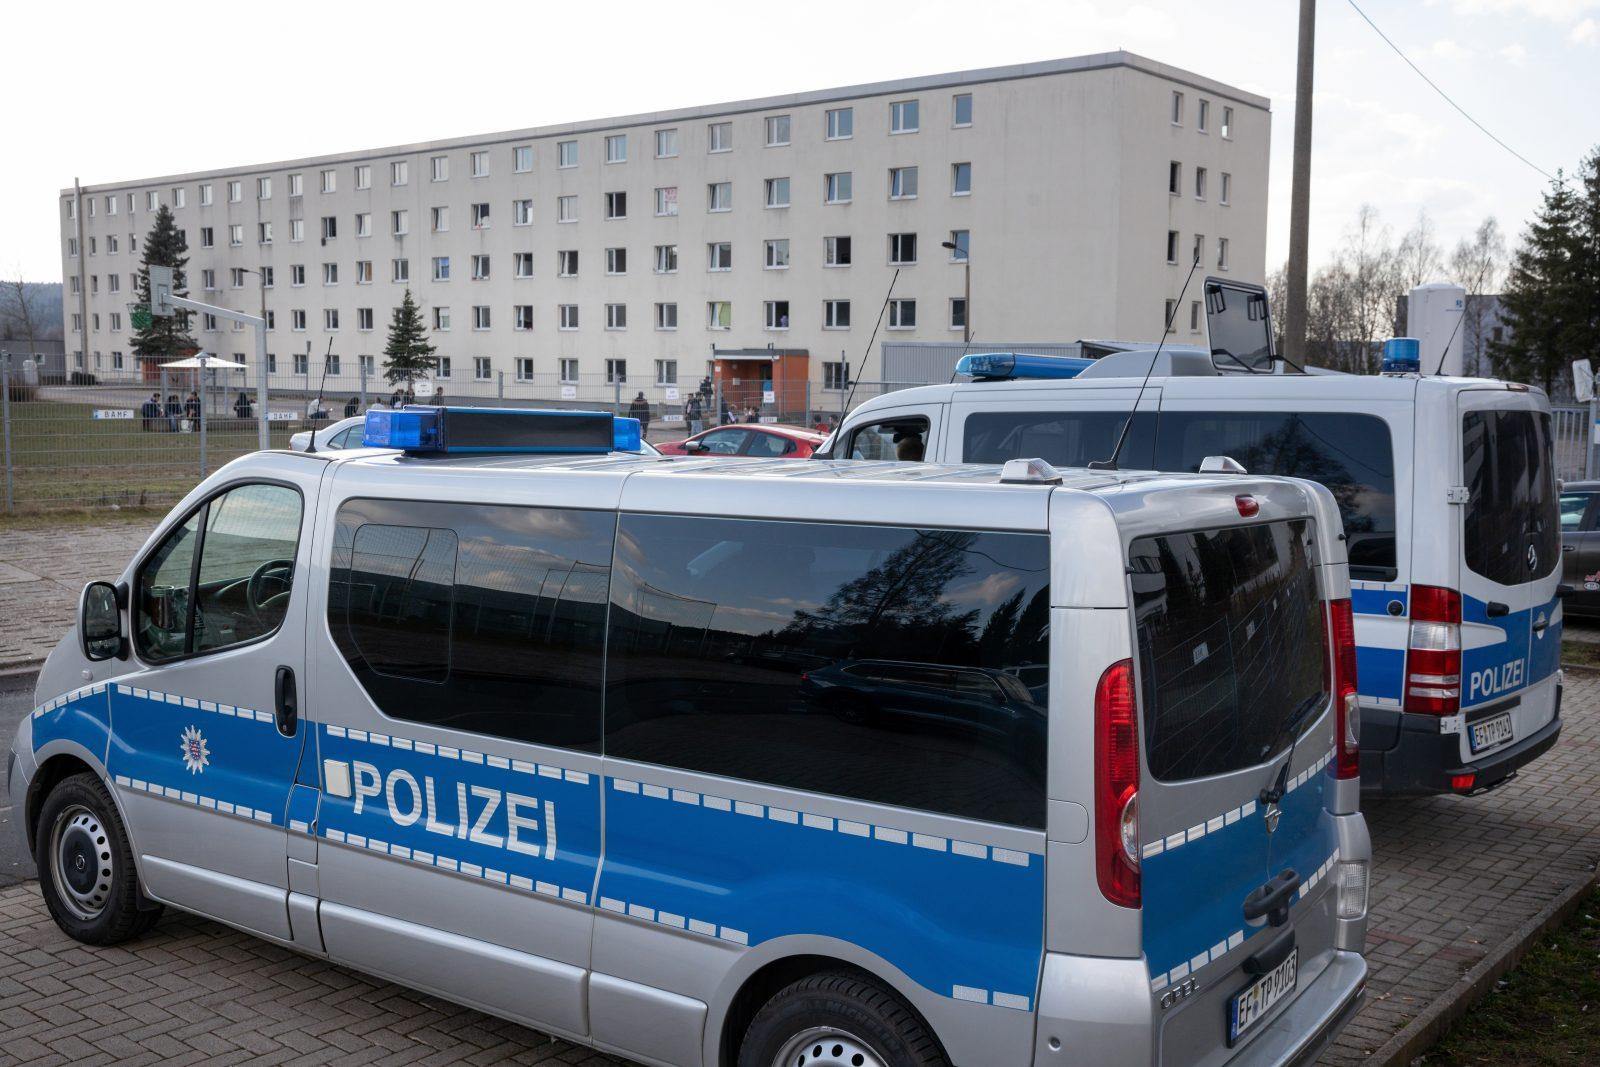 Polizeiwagen stehen vor der Asylunterkunft in Suhl (Archivbild) Foto: picture alliance/dpa/dpa-Zentralbild | Michael Reichel